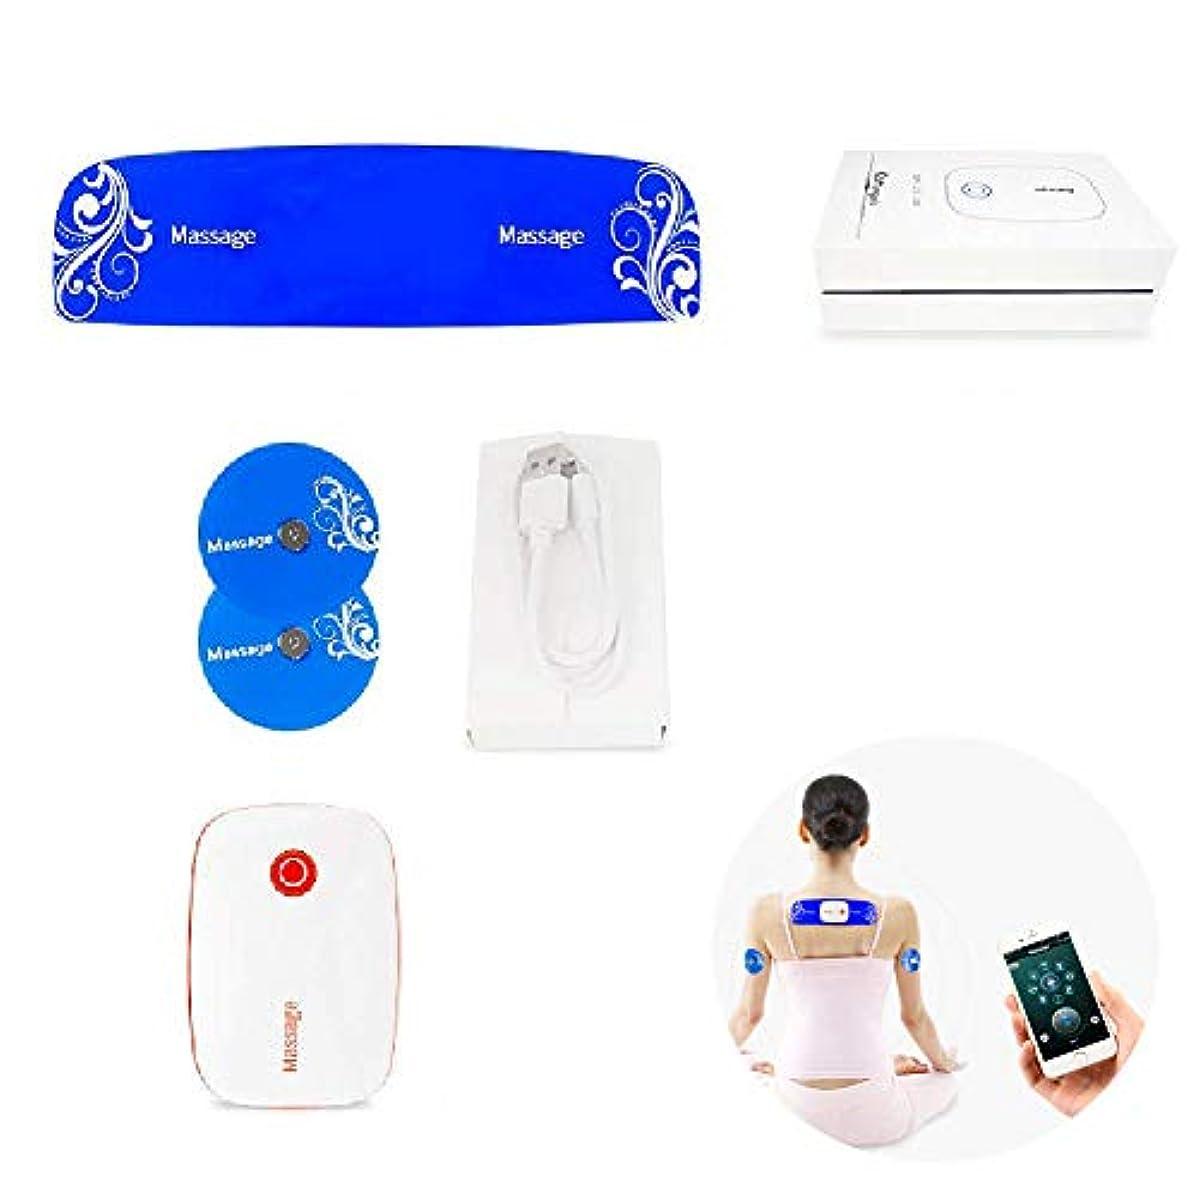 法律ピクニック尊厳首の肩のマッサージャー深い組織のための電動ポータブルAPP Bluetoothコントロール車のホームとオフィス、調整可能なスピード